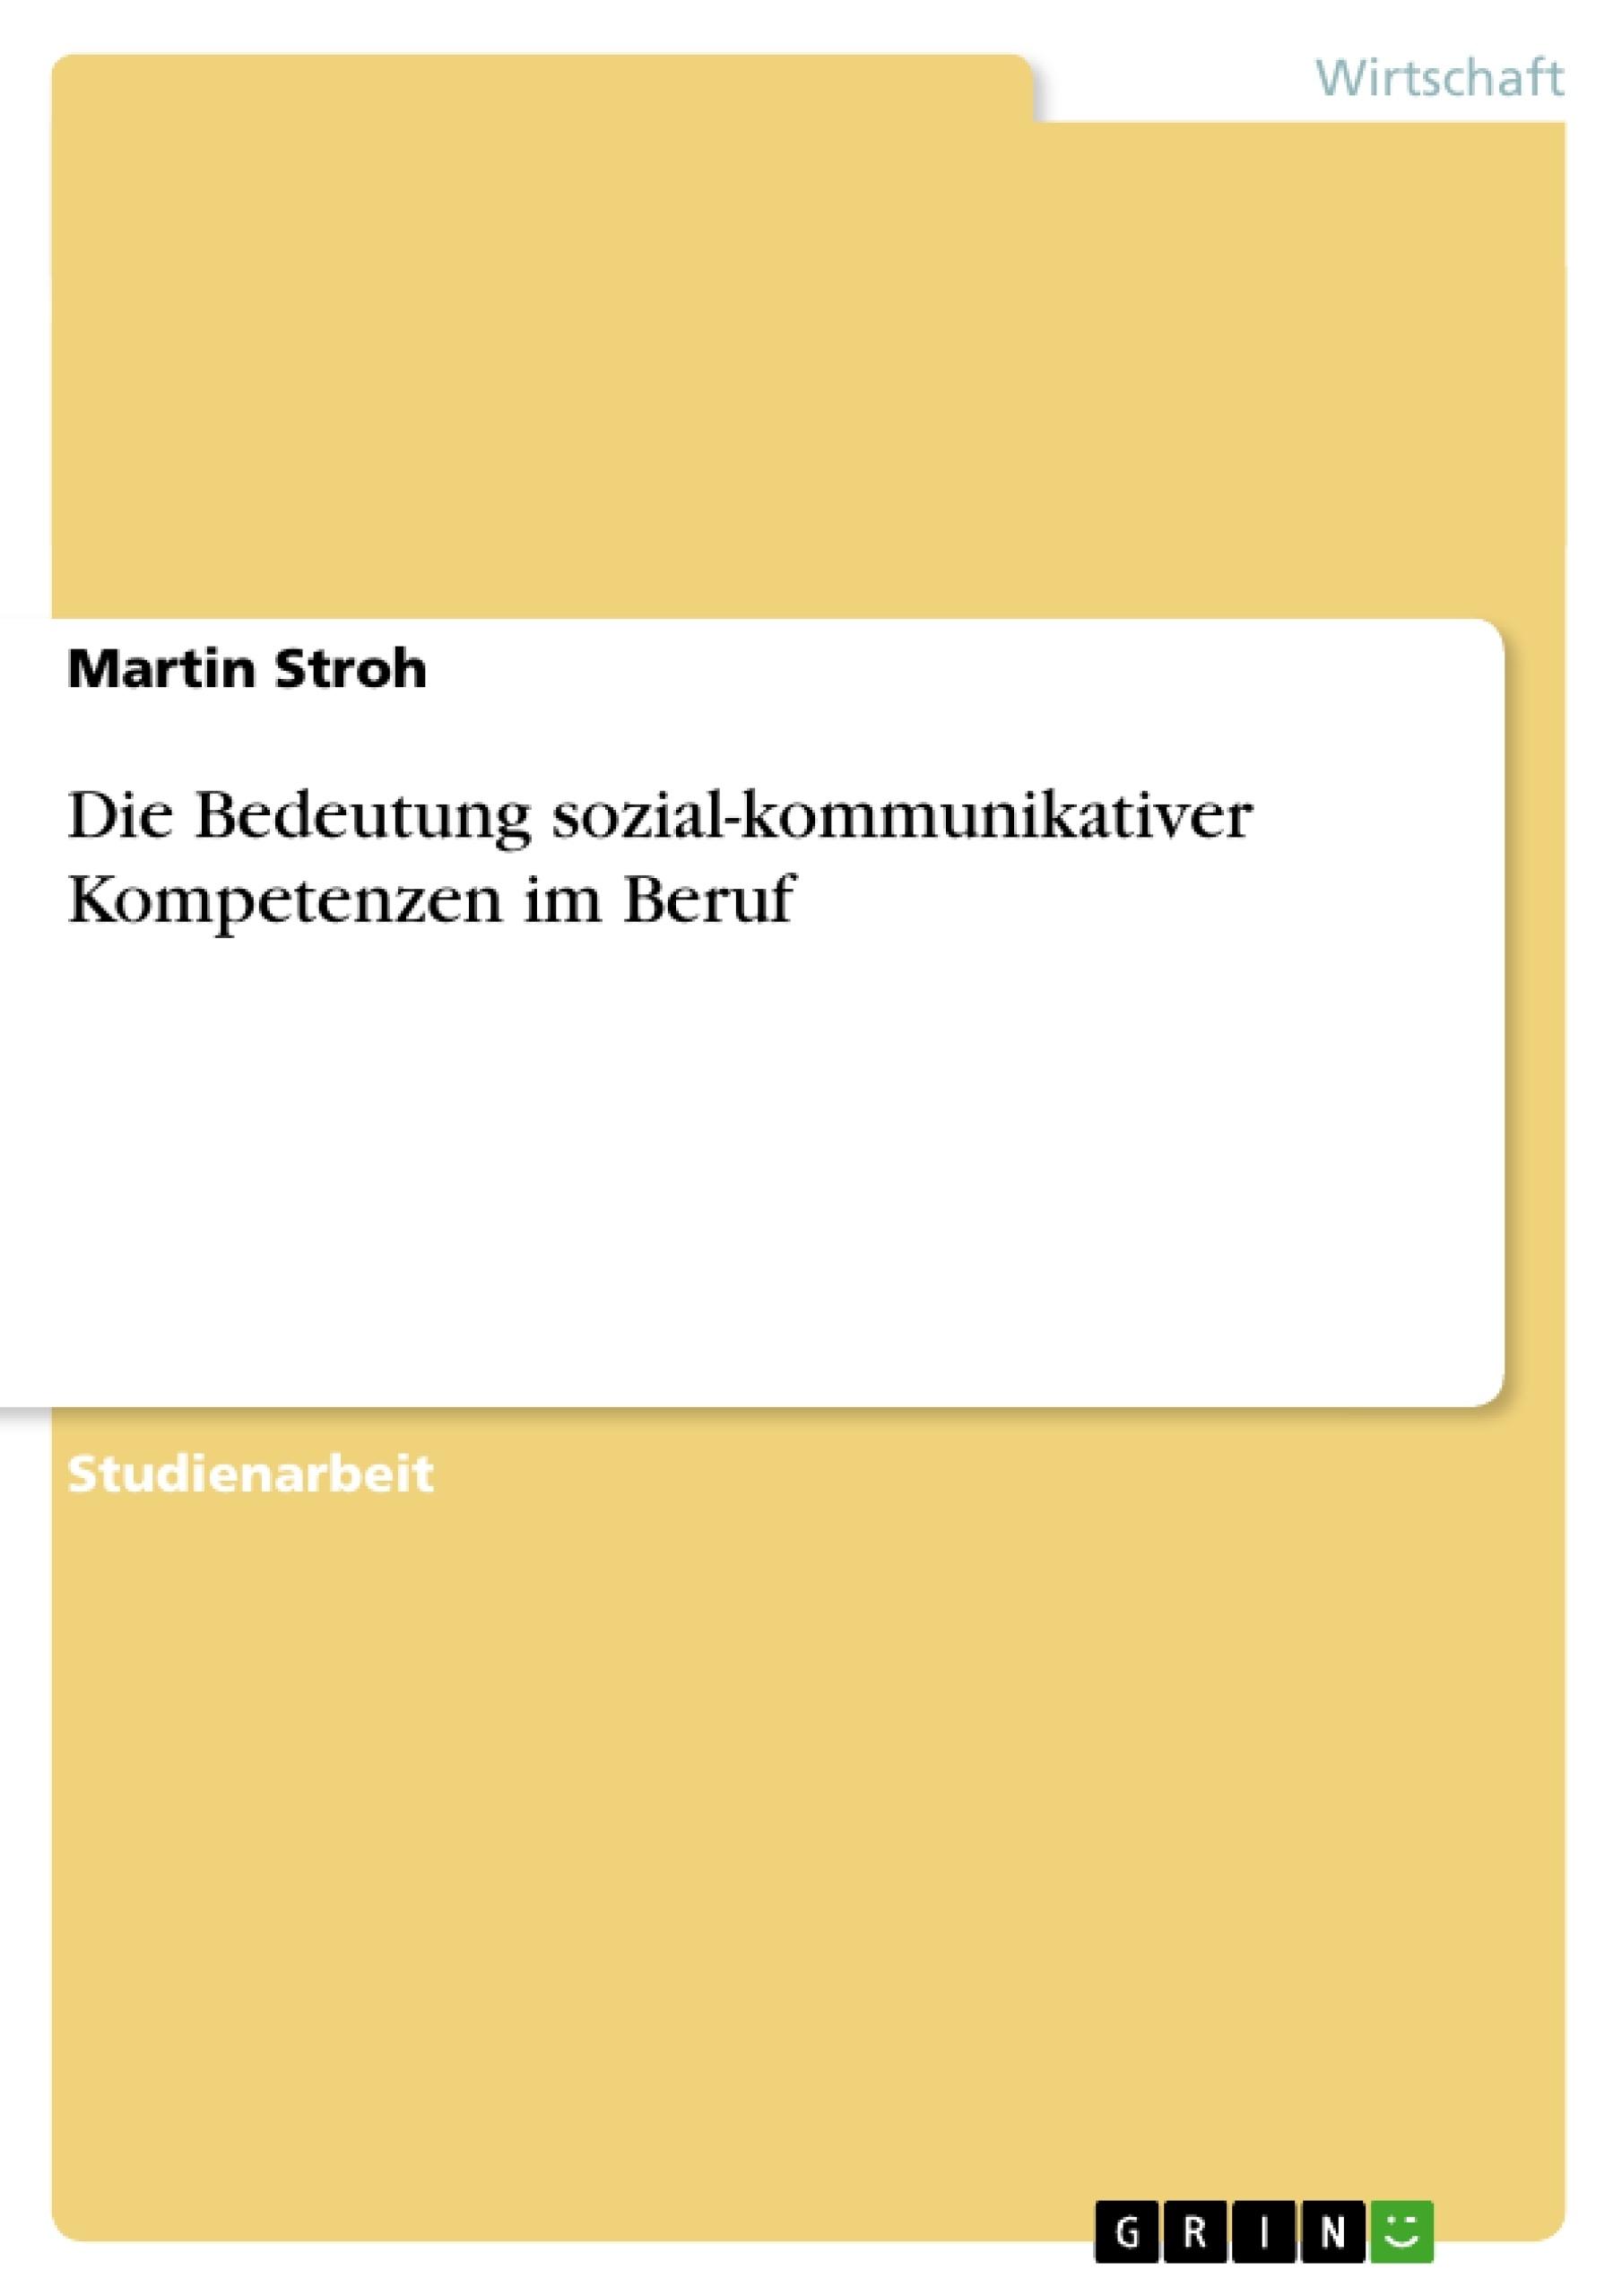 Titel: Die Bedeutung sozial-kommunikativer Kompetenzen im Beruf